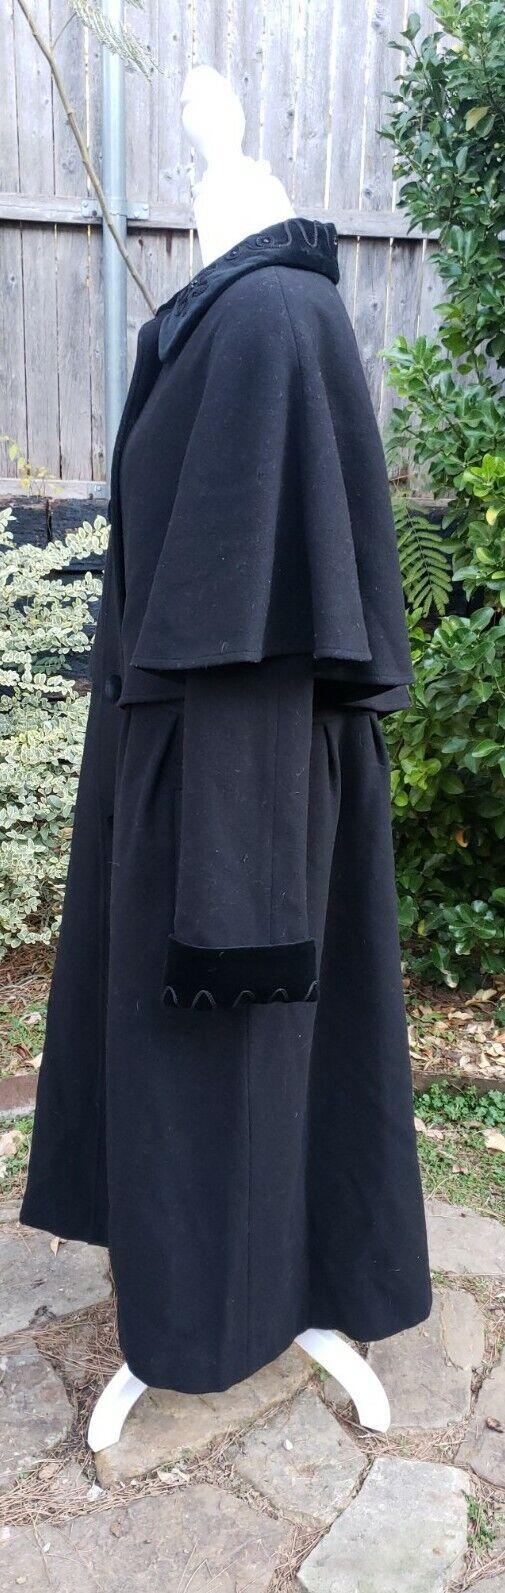 Vtg Donnybrook Black Velvet Embroidery Edwardian … - image 6